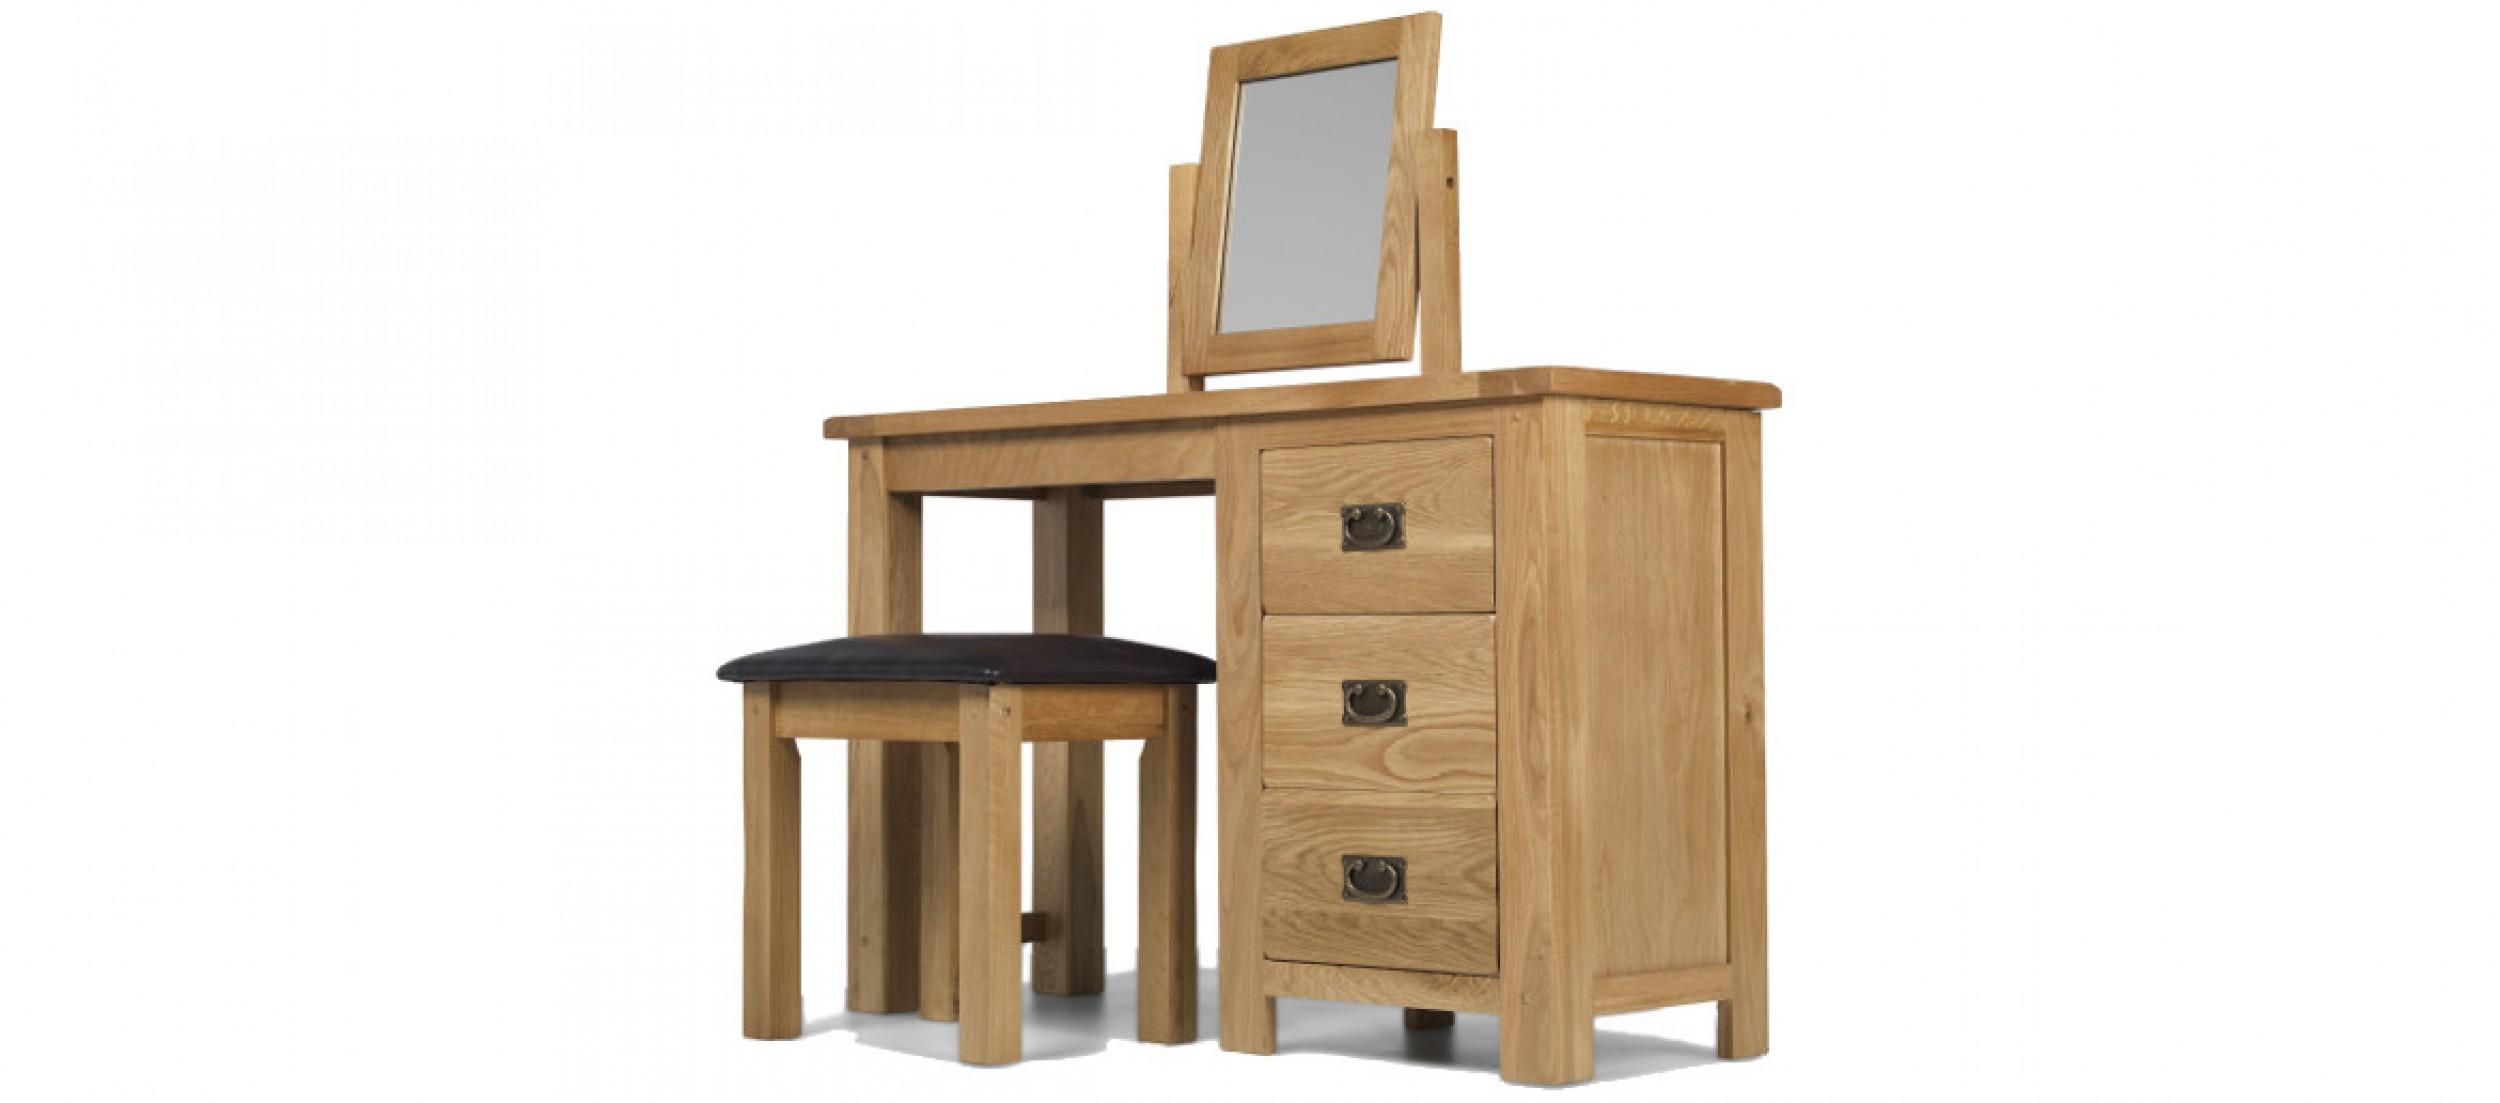 Rustic Oak Dressing Table Set | Quercus Living